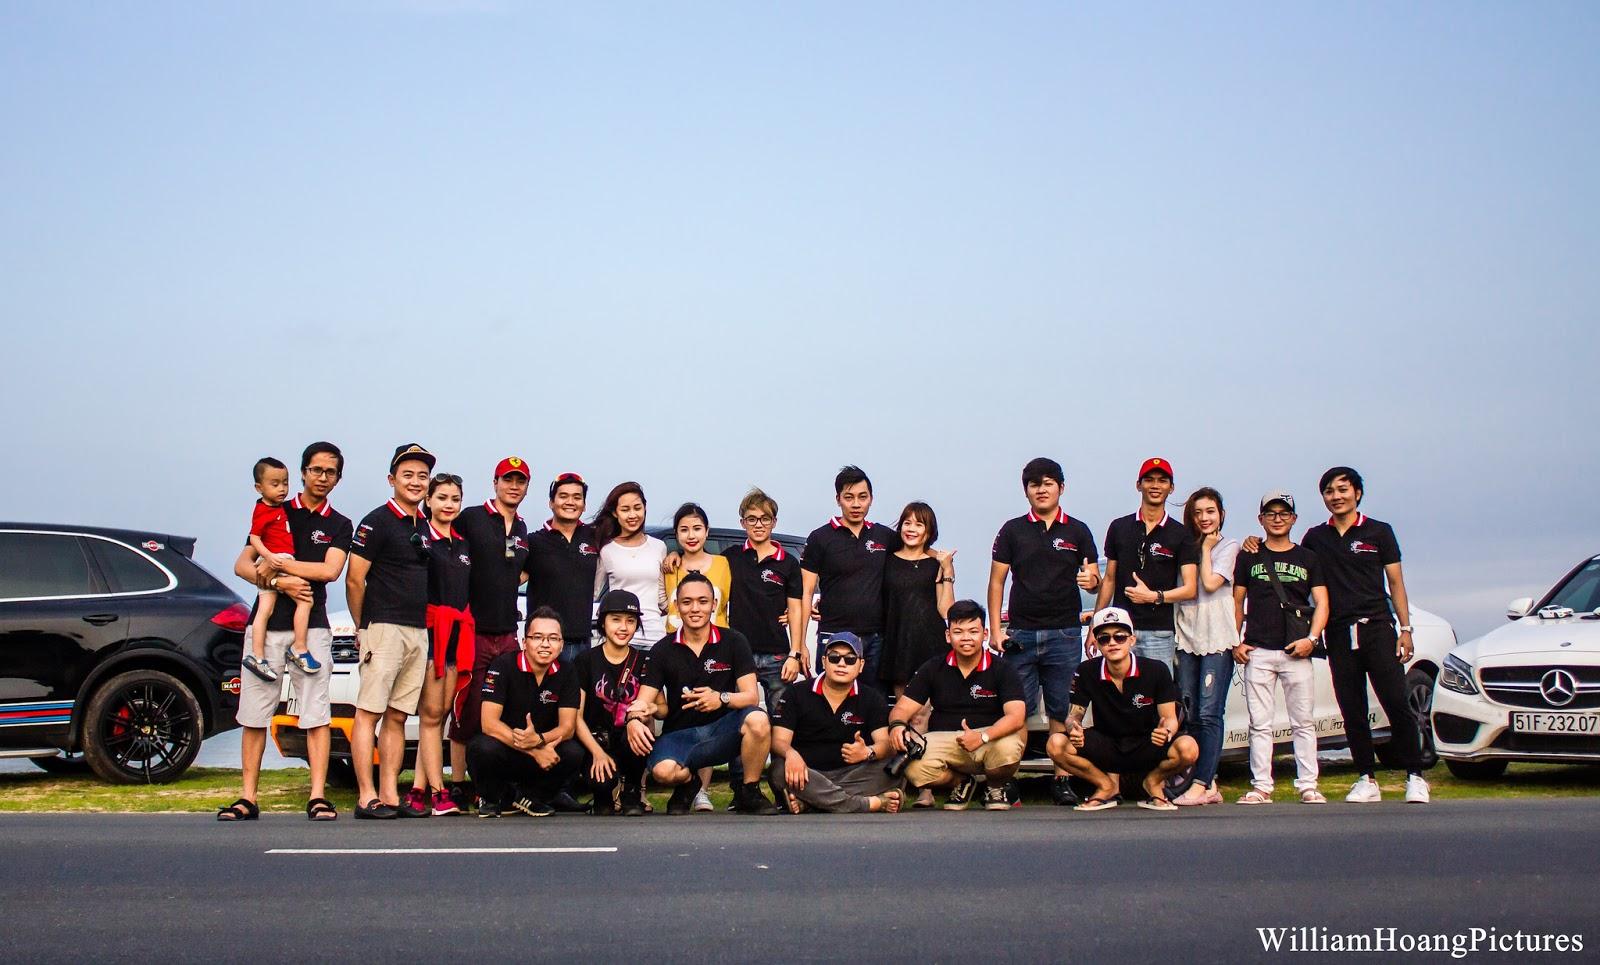 Thành viên CLB mô hình tĩnh Việt Nam chụp ảnh kỷ niệm